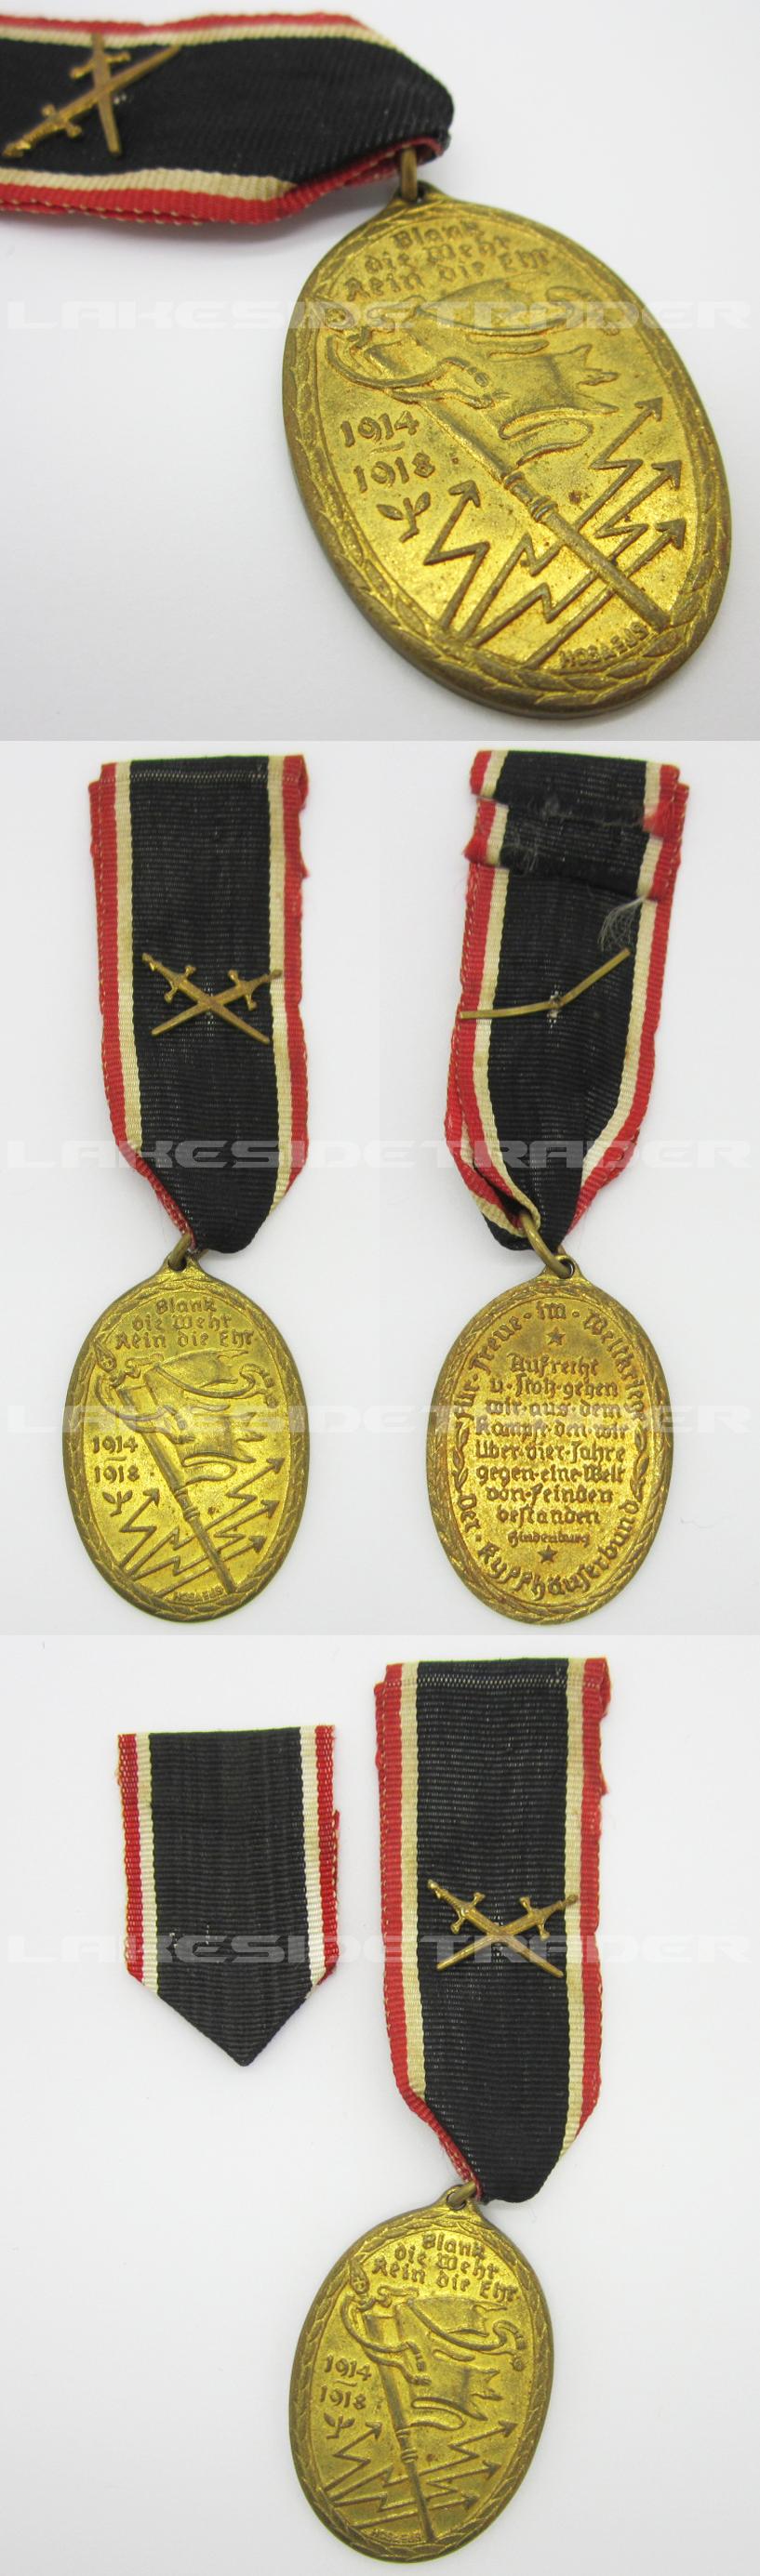 War Veterans Comm. Medal - Kyffhäuser Union